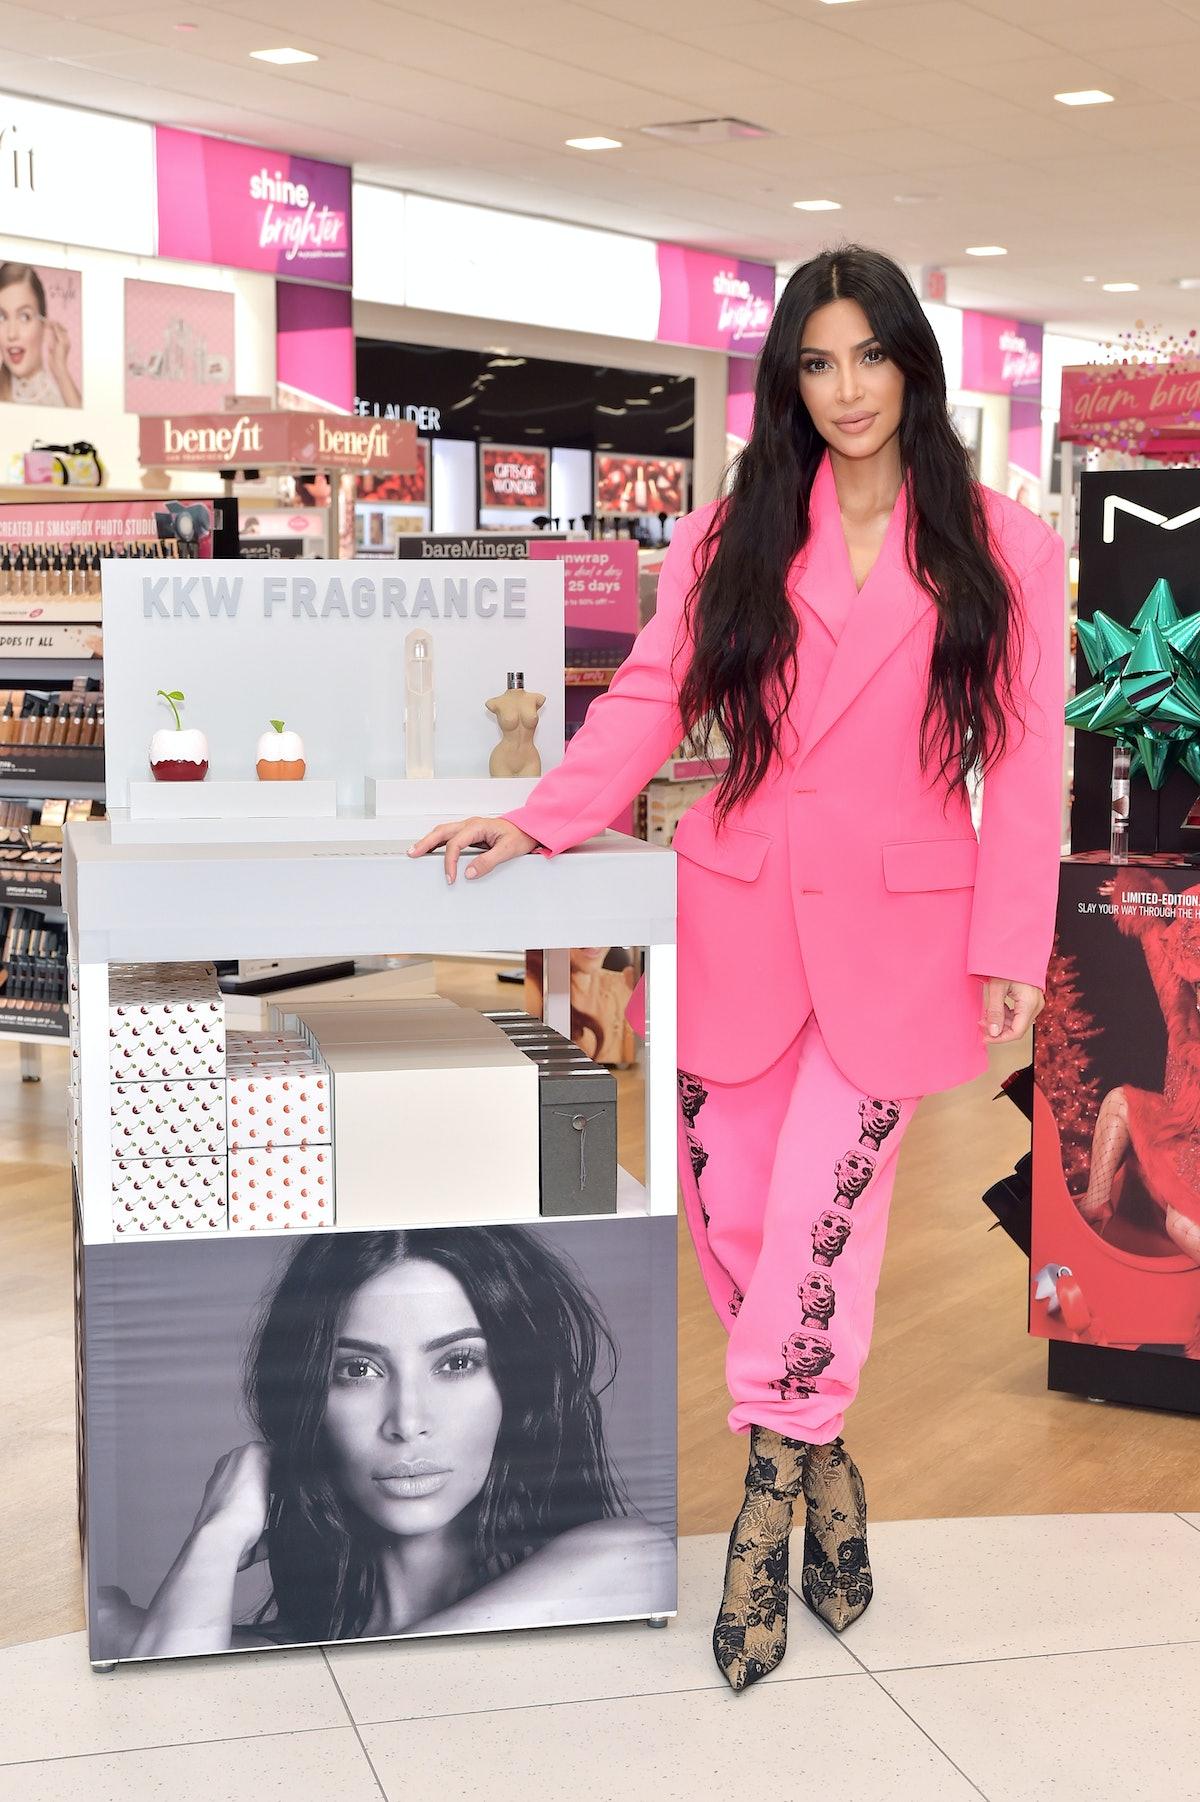 Kim Kardashian sweatpants